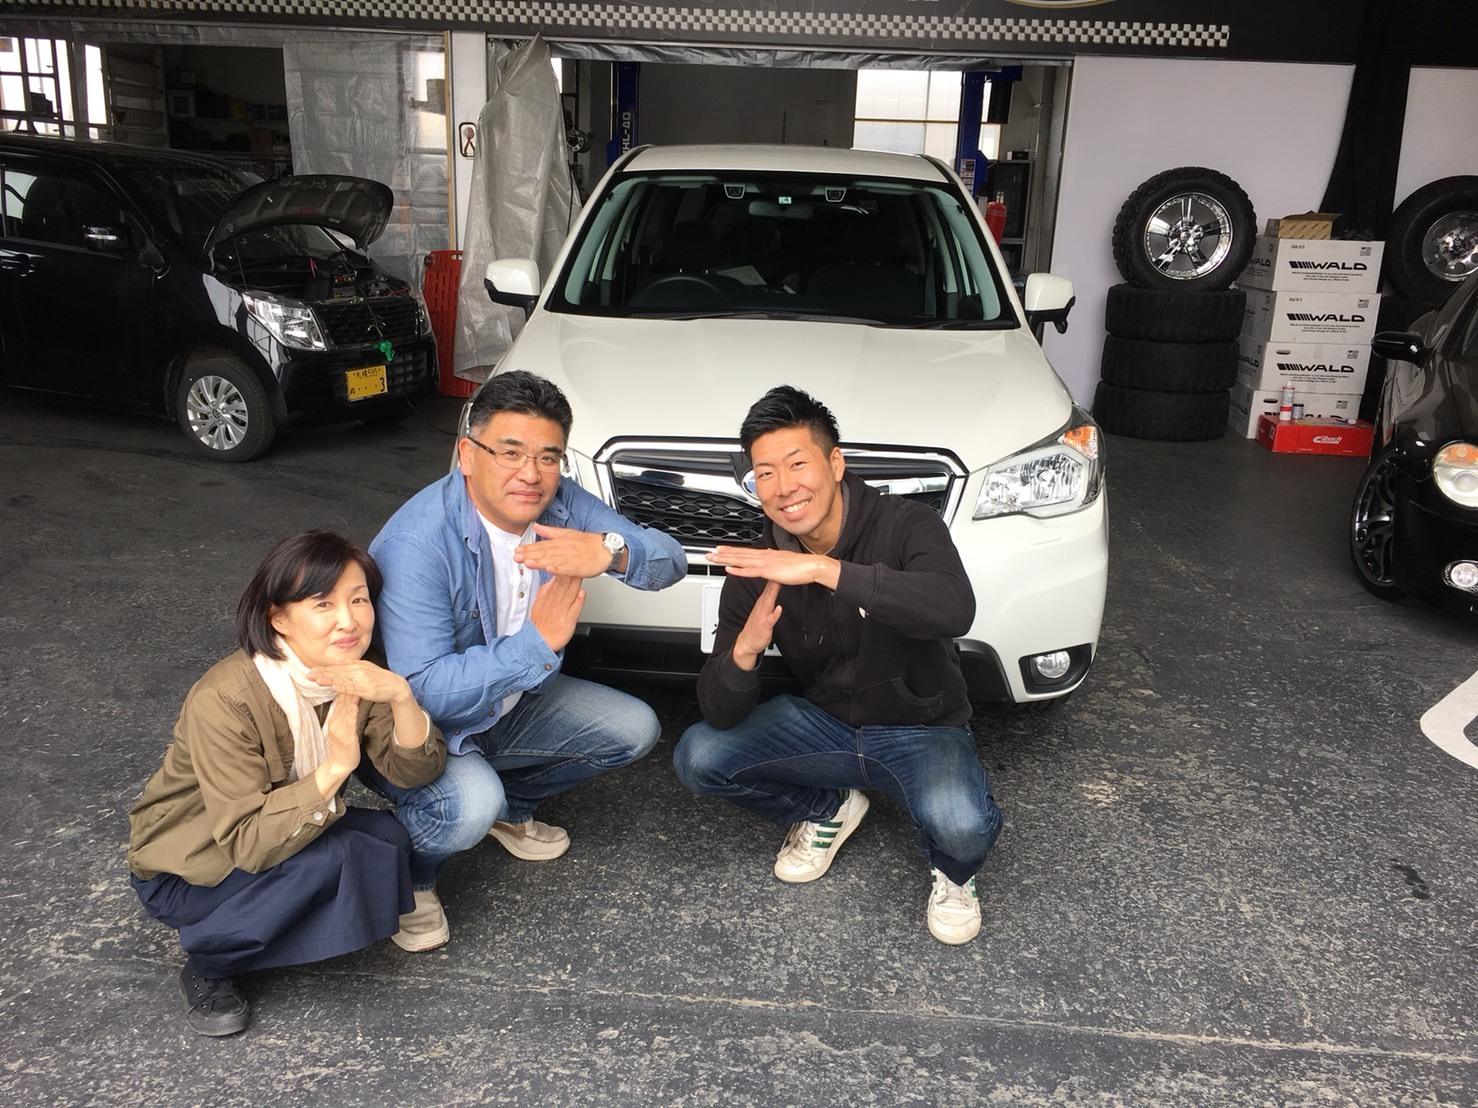 4月23日(月)トミーベース カスタムブログ☆S様キャンバス O様フォレスタ納車☆_b0127002_11444600.jpg